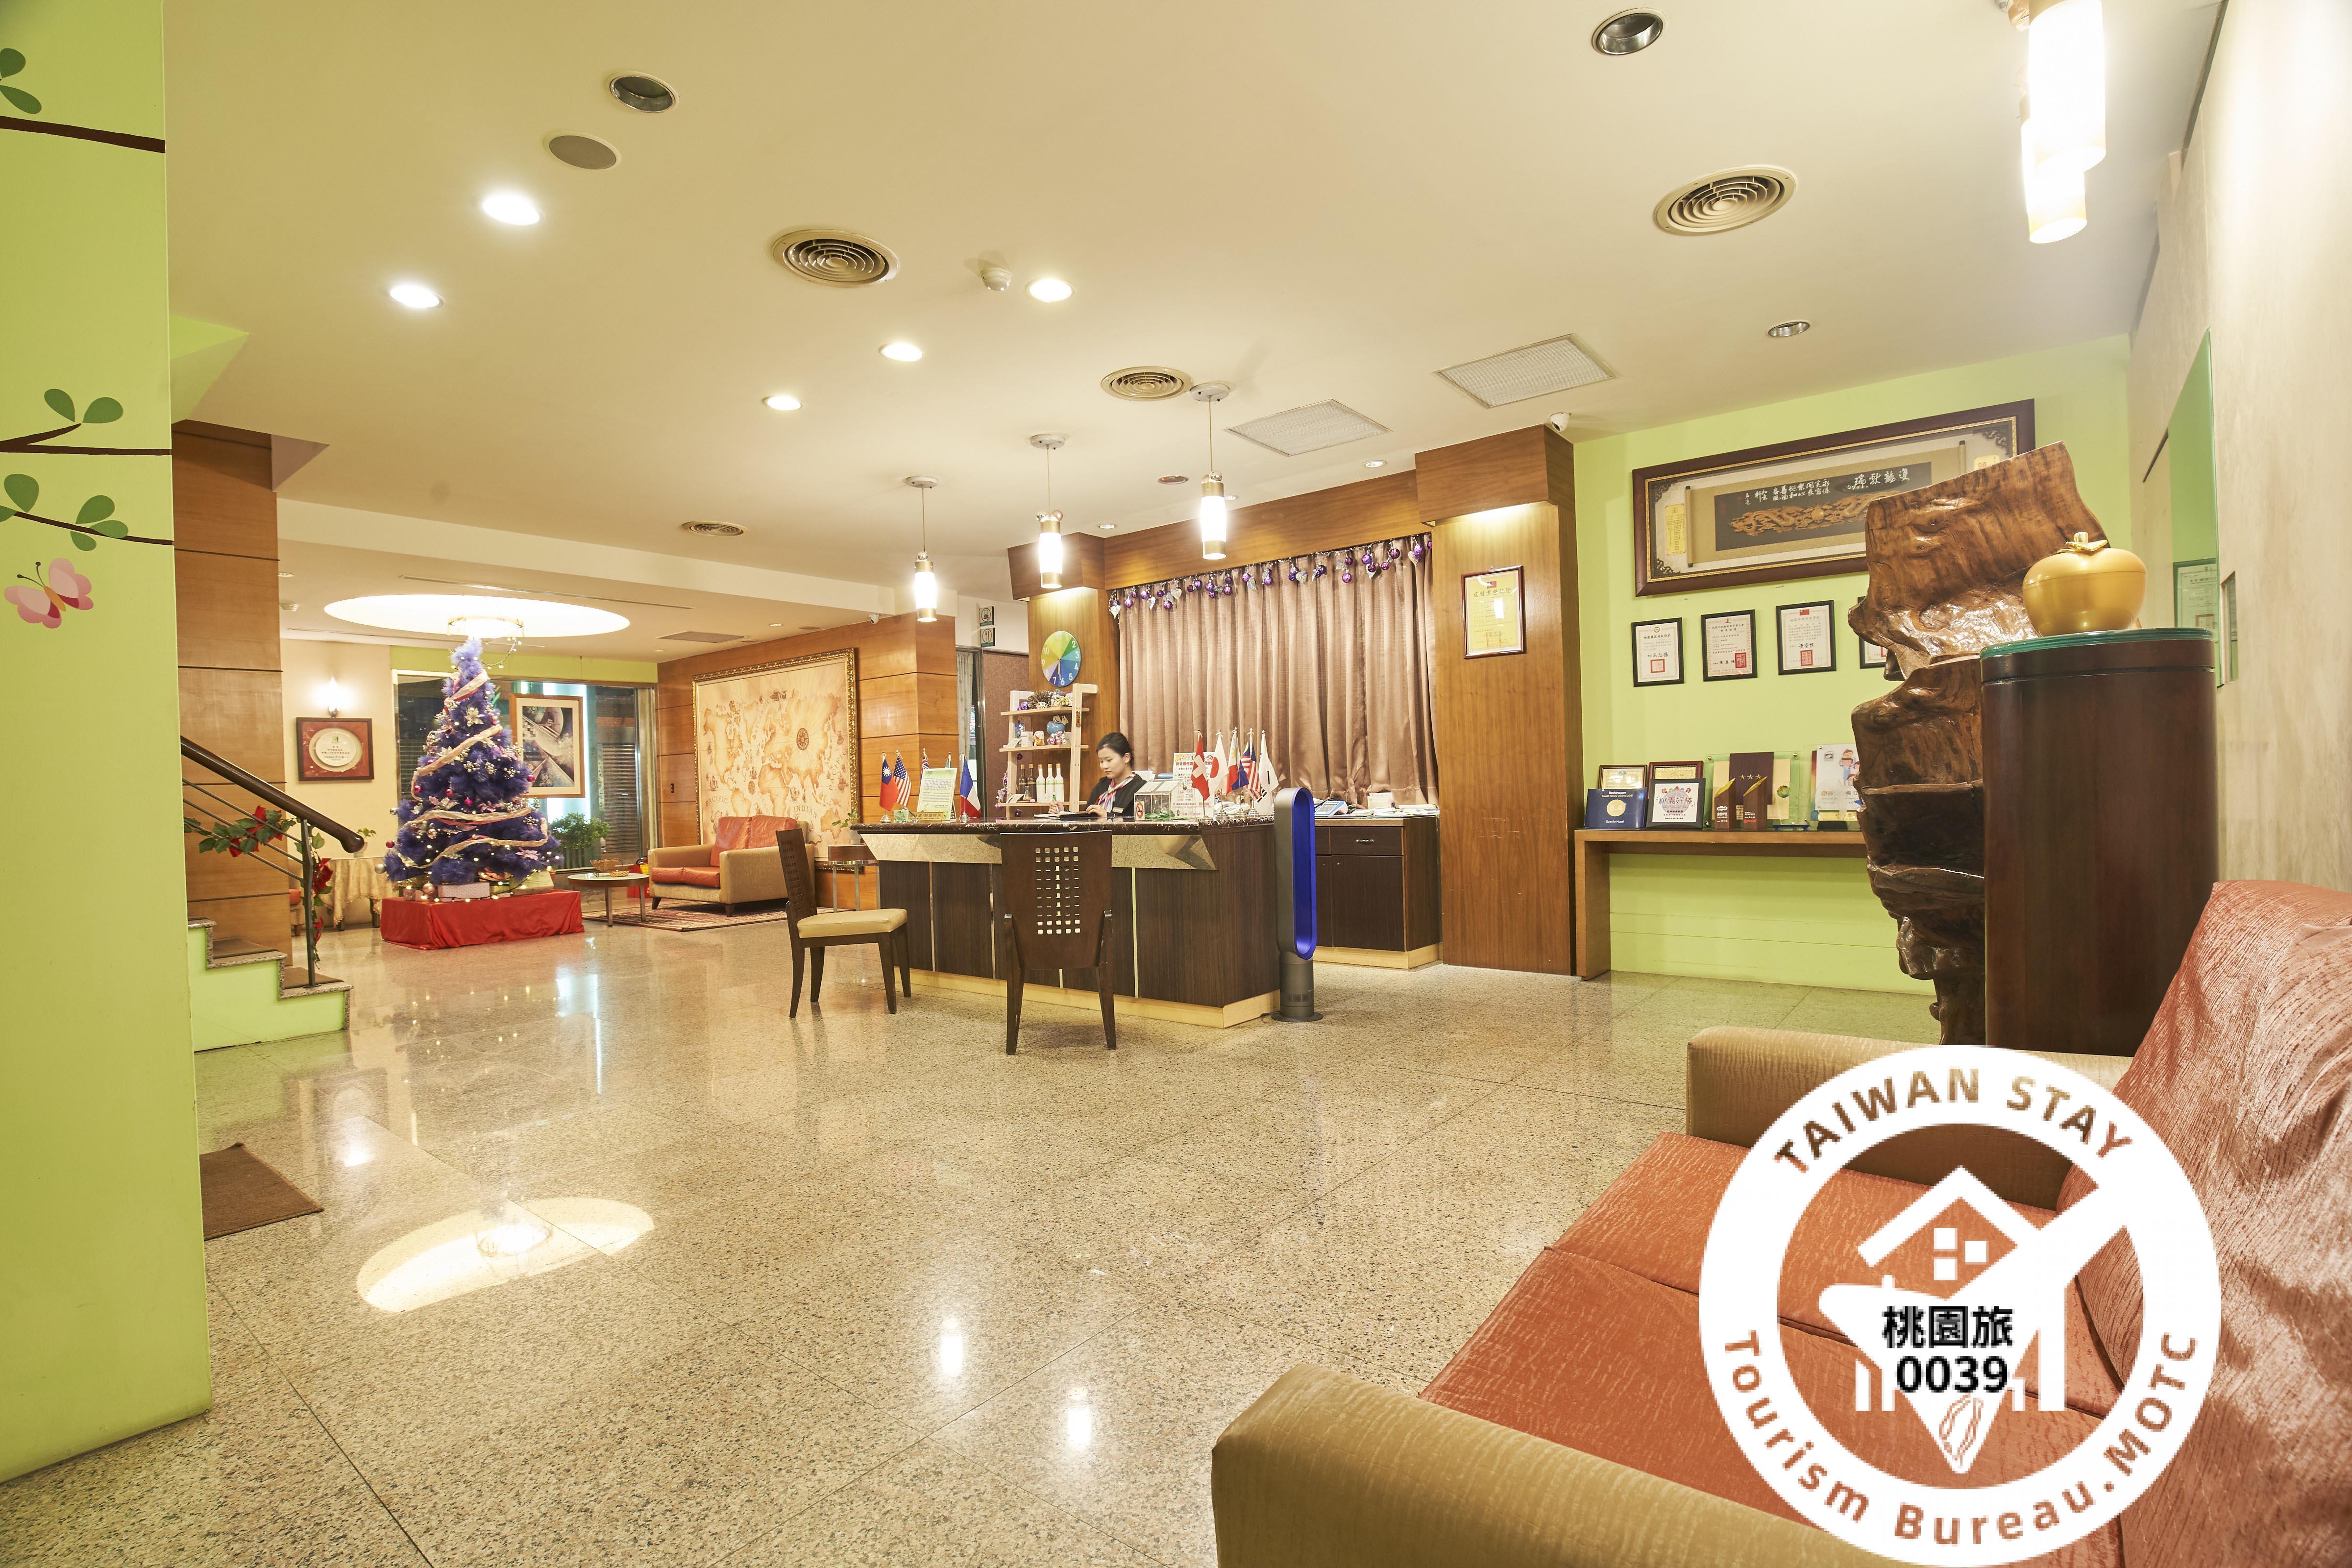 甲桂林ビジネスホテル(甲桂林商務旅館)